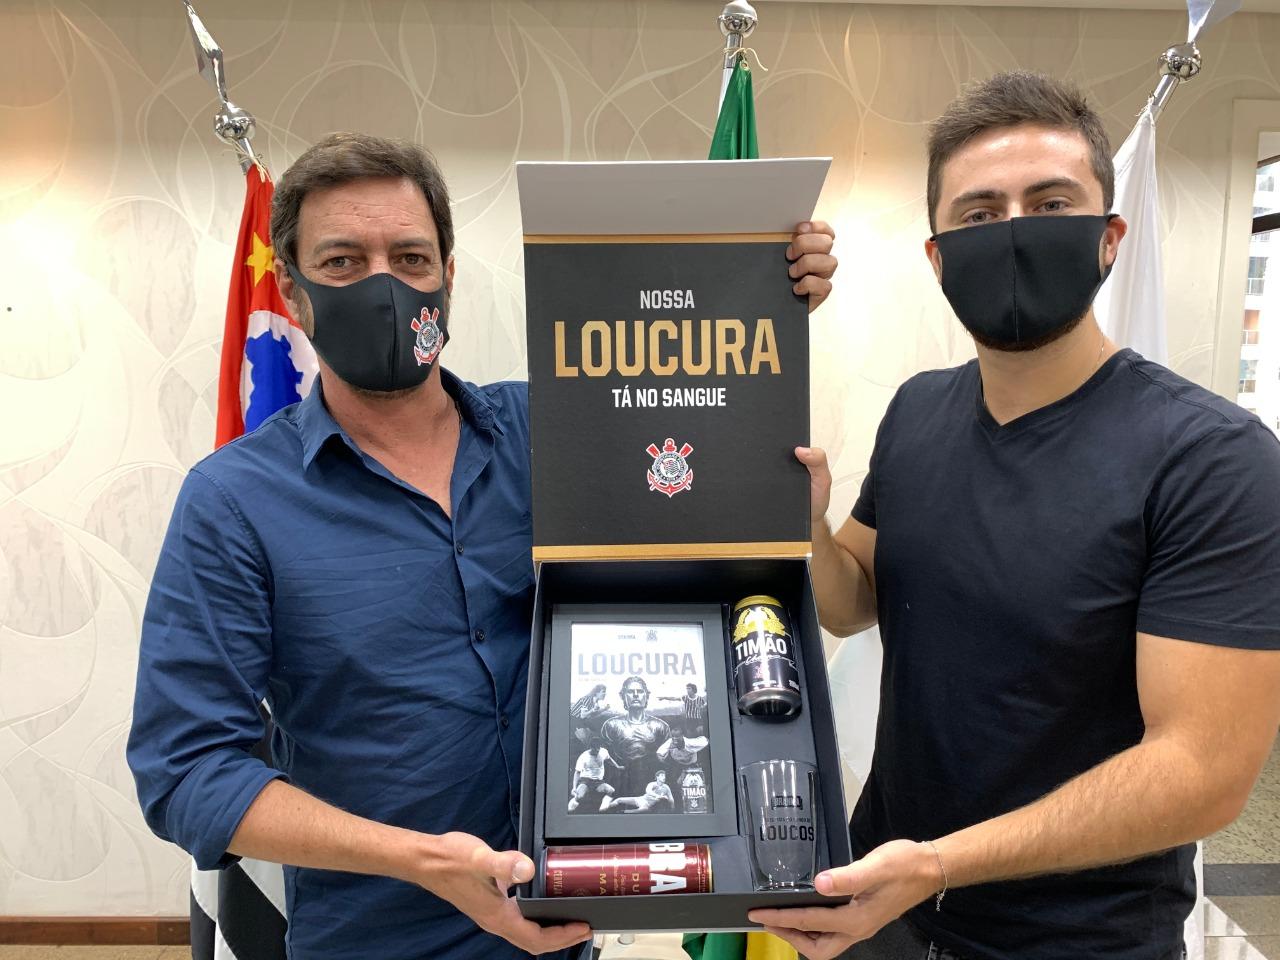 Duílio Monteiro Alves e Harry Racz, da Ambev. Foto: Divulgação/Corinthians